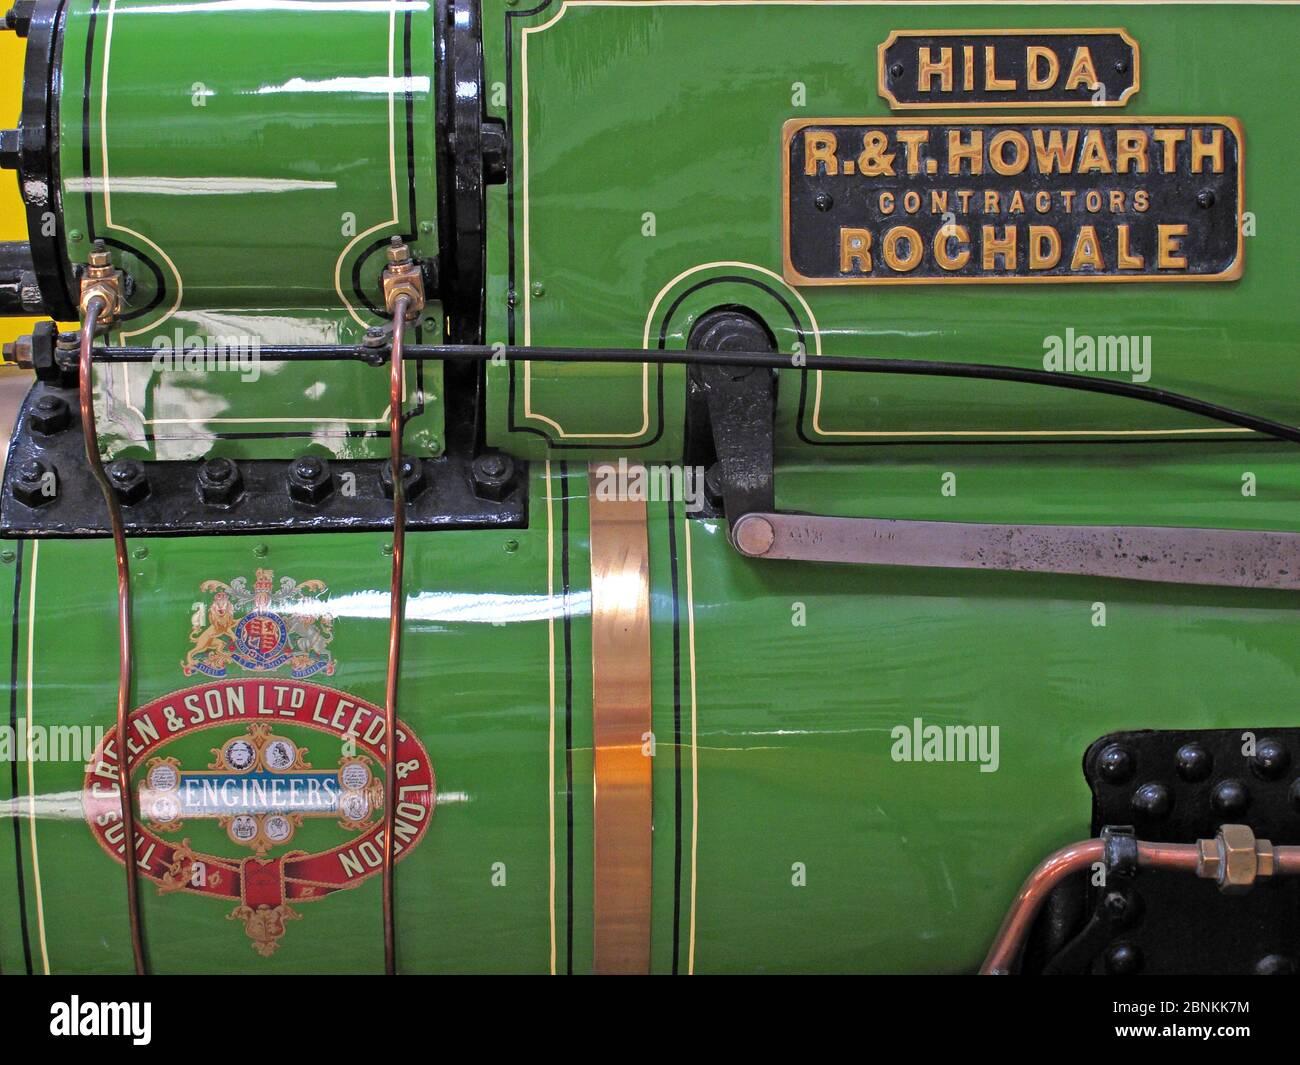 Dieses Stockfoto: Grüne Dampfmaschine, Hilda, RT Howarth, Vertragsfirmen, Rochdale, Thomas Green & Son, Leeds & London - 2BNKK7